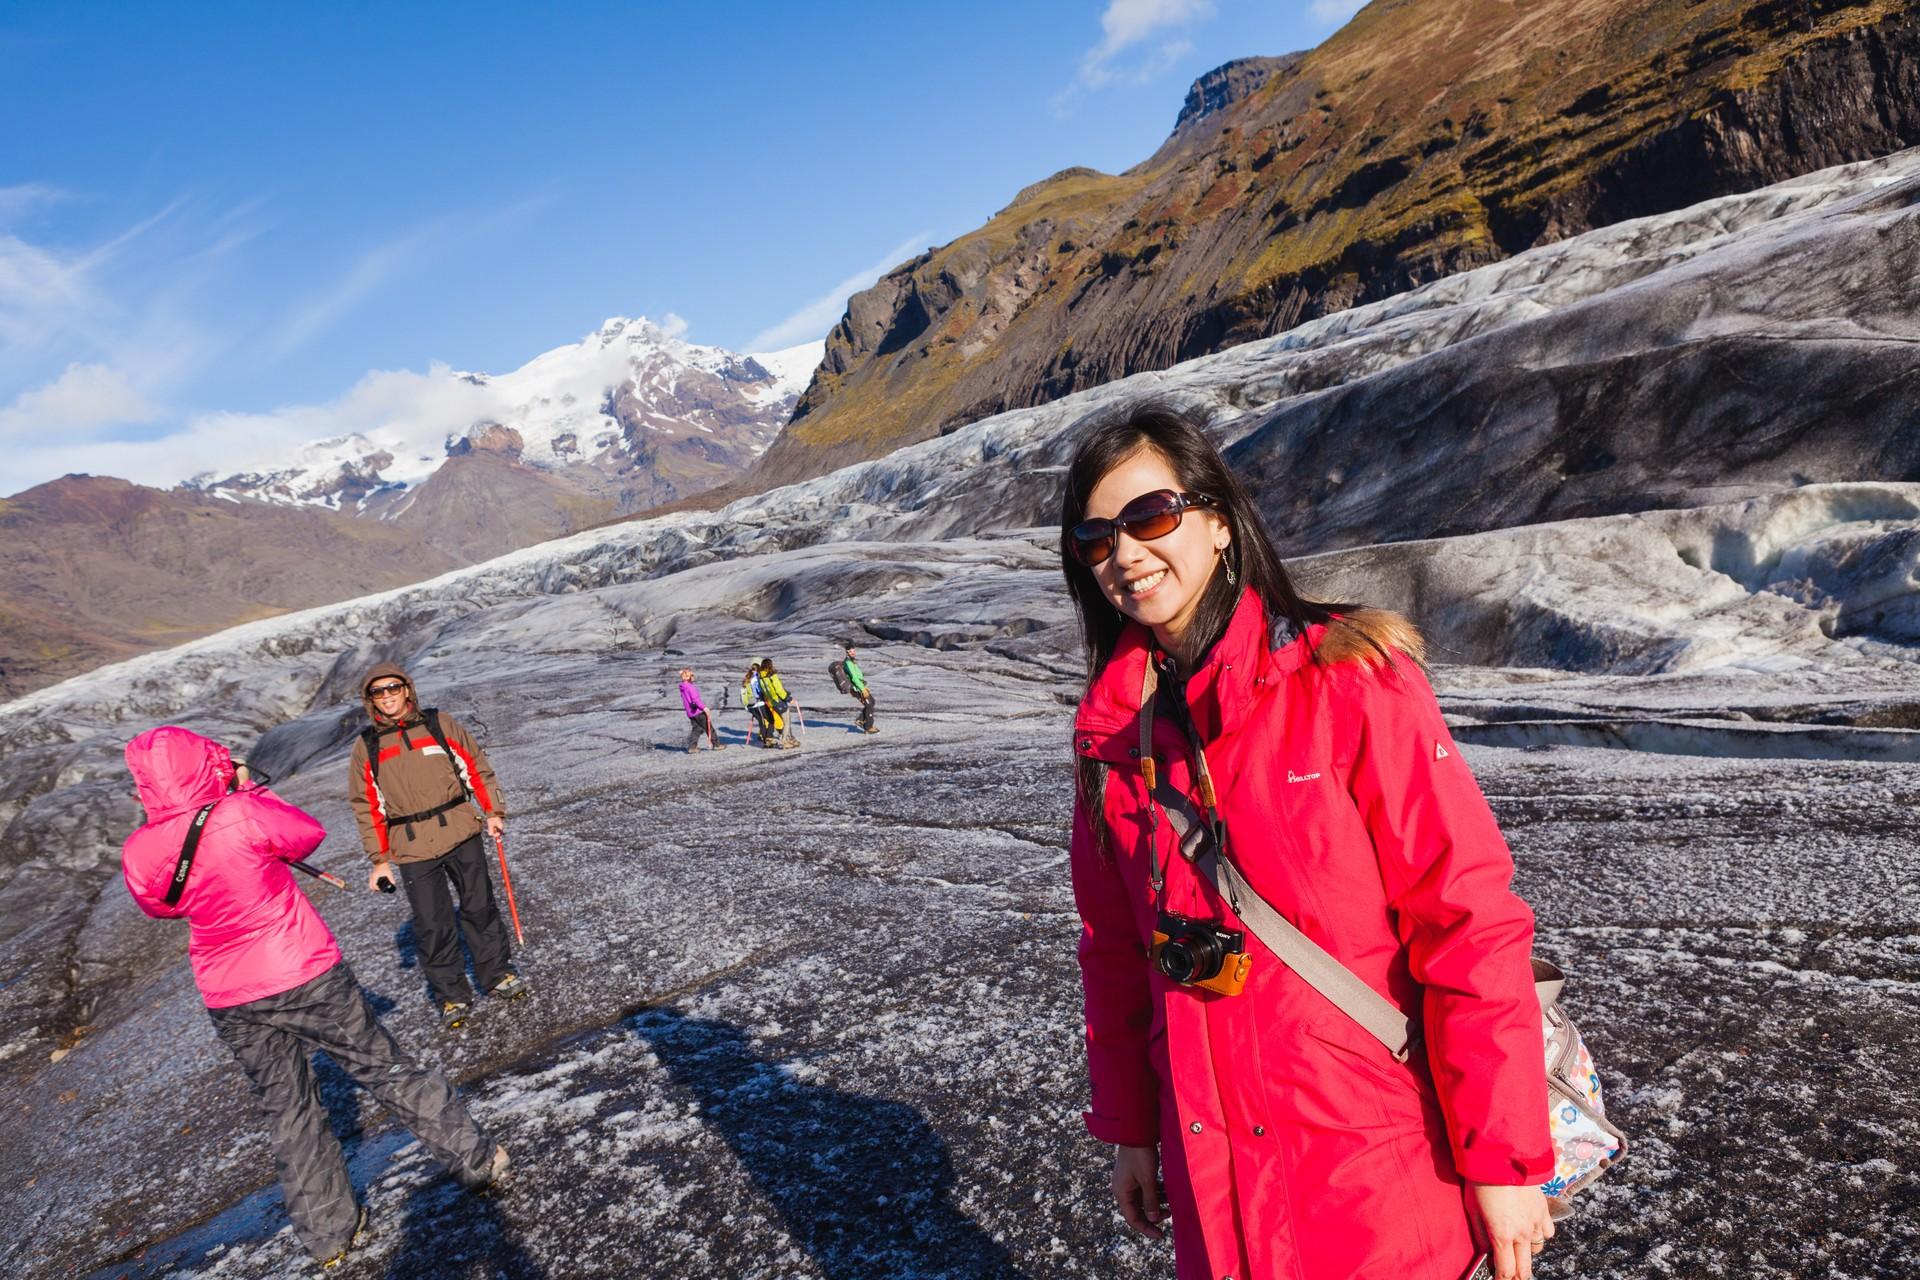 【北歐自助旅行】Day 10(冰島 / 冰河湖、瓦特納冰川國家公園 – 冰川健行)